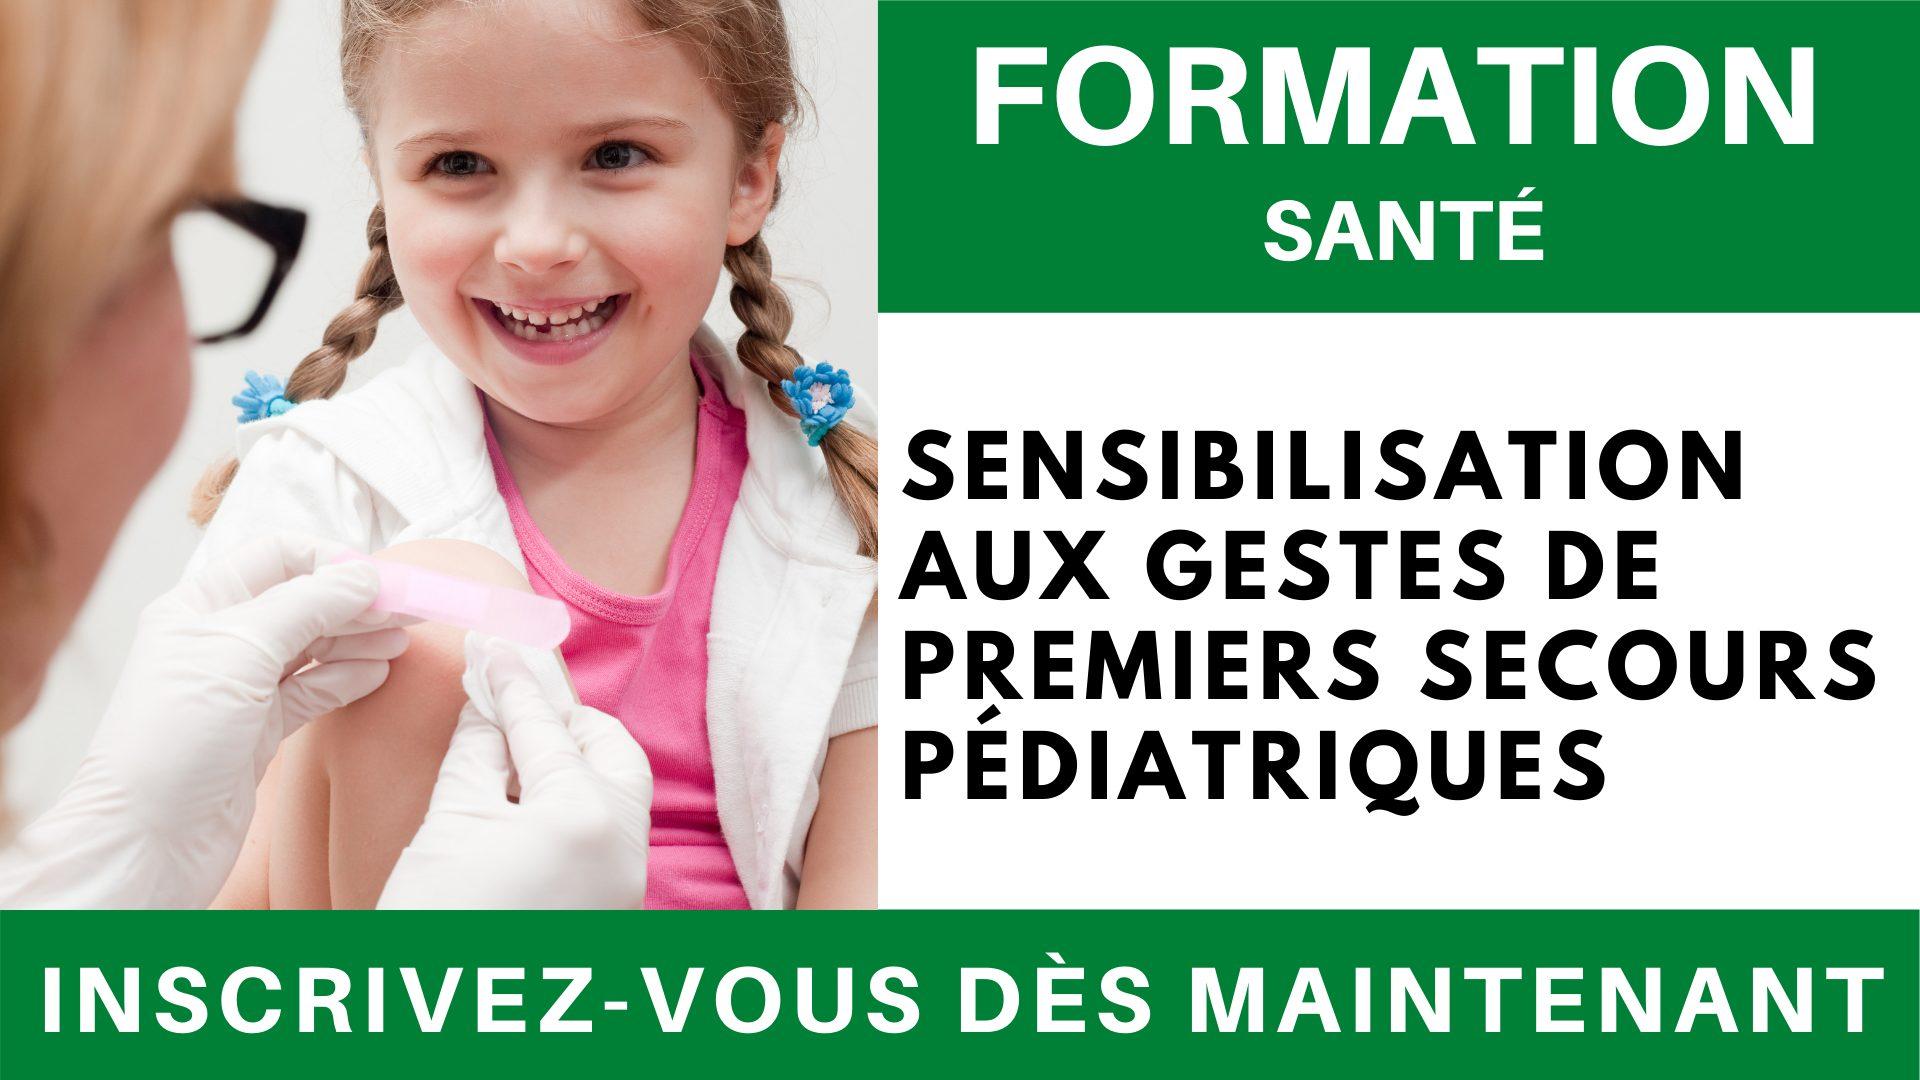 Formation SANTE - Sensibilisation aux Gestes de premiers secours pédiatriques